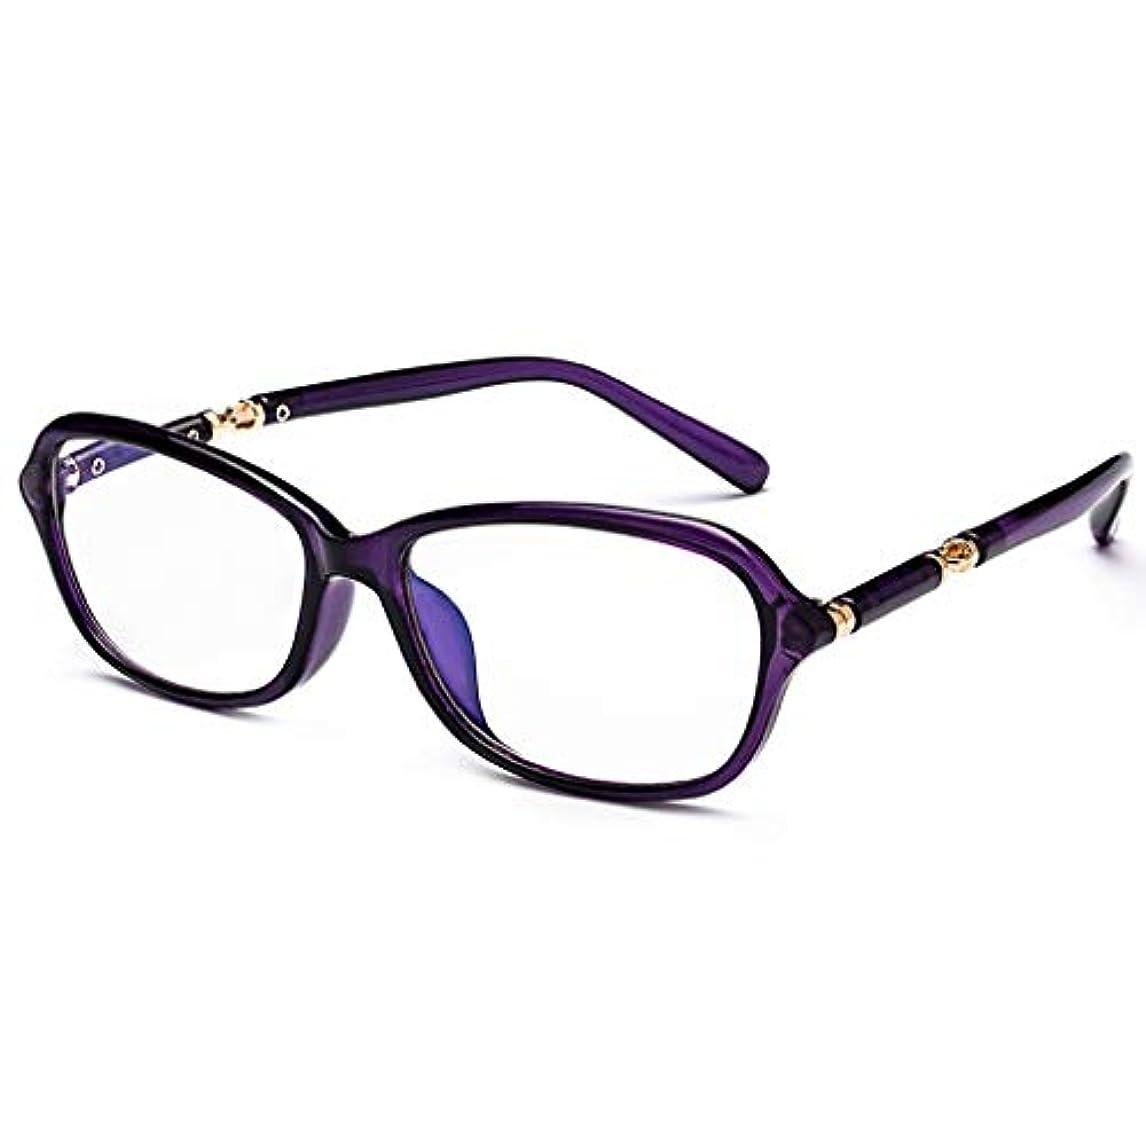 LCSHAN ブルーレイニアアンドファーデュアルユース老眼鏡自動ズームファッションウルトラライト+2.0 (Color : Purple, Size : 350 degrees)